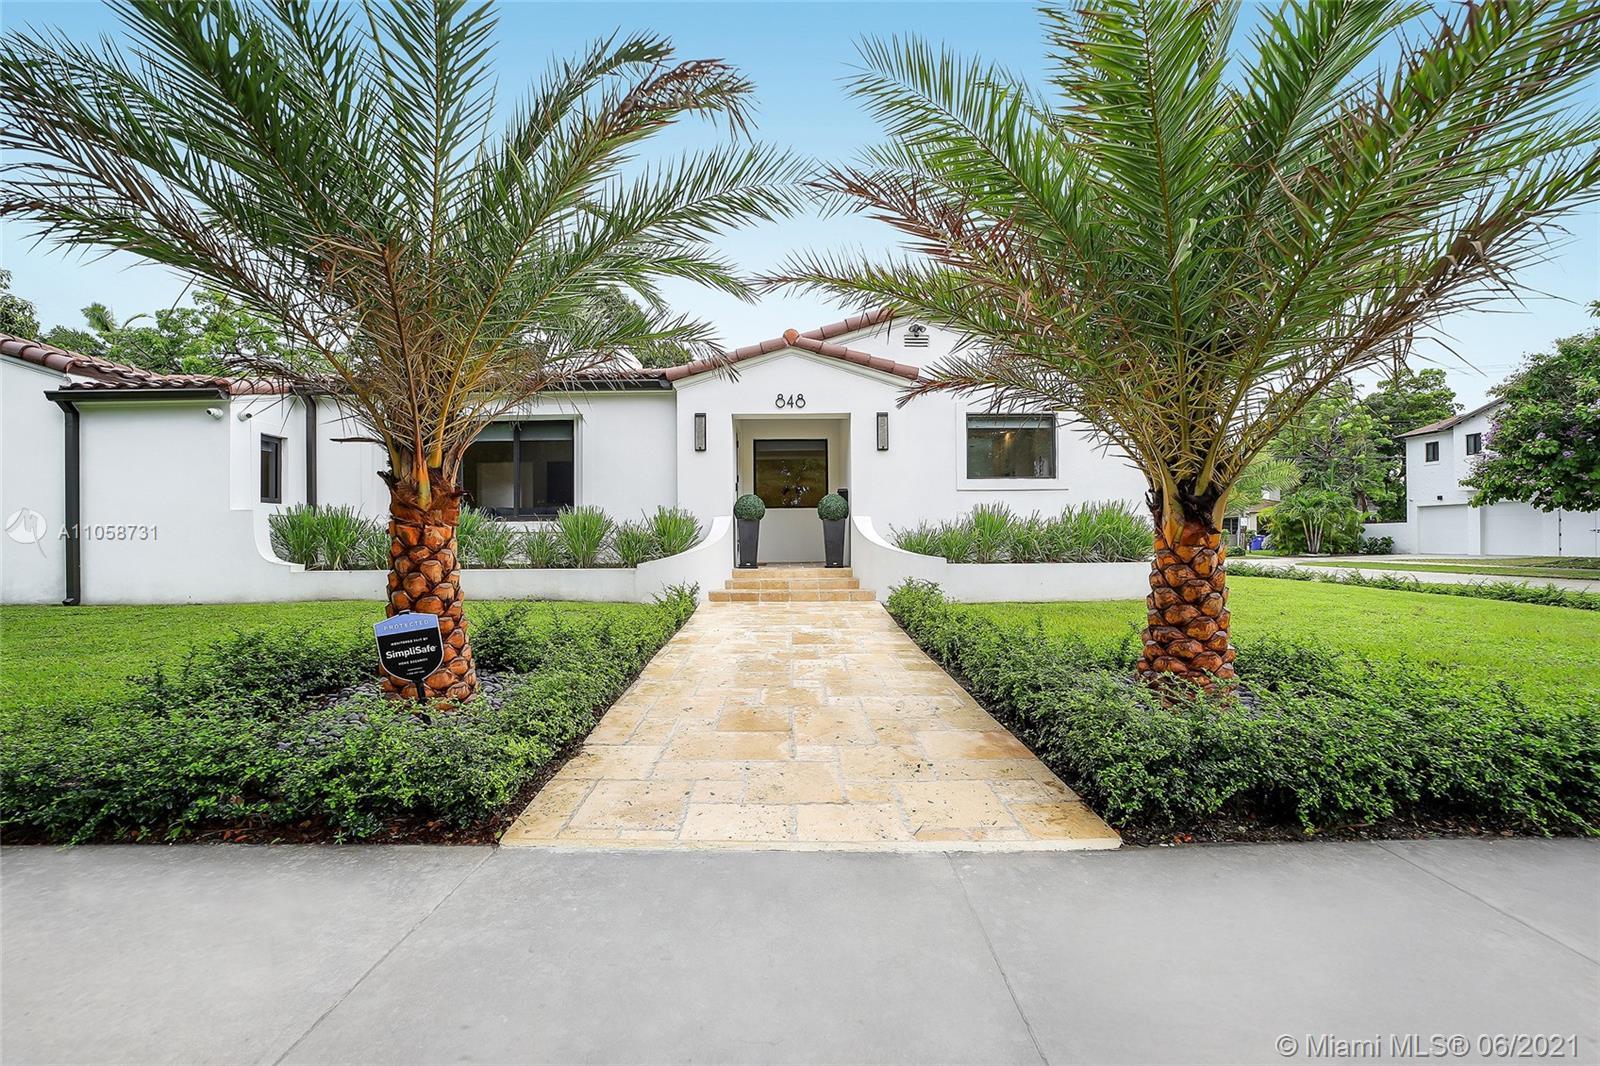 Shore Crest - 848 NE 81st Street, Miami, FL 33138